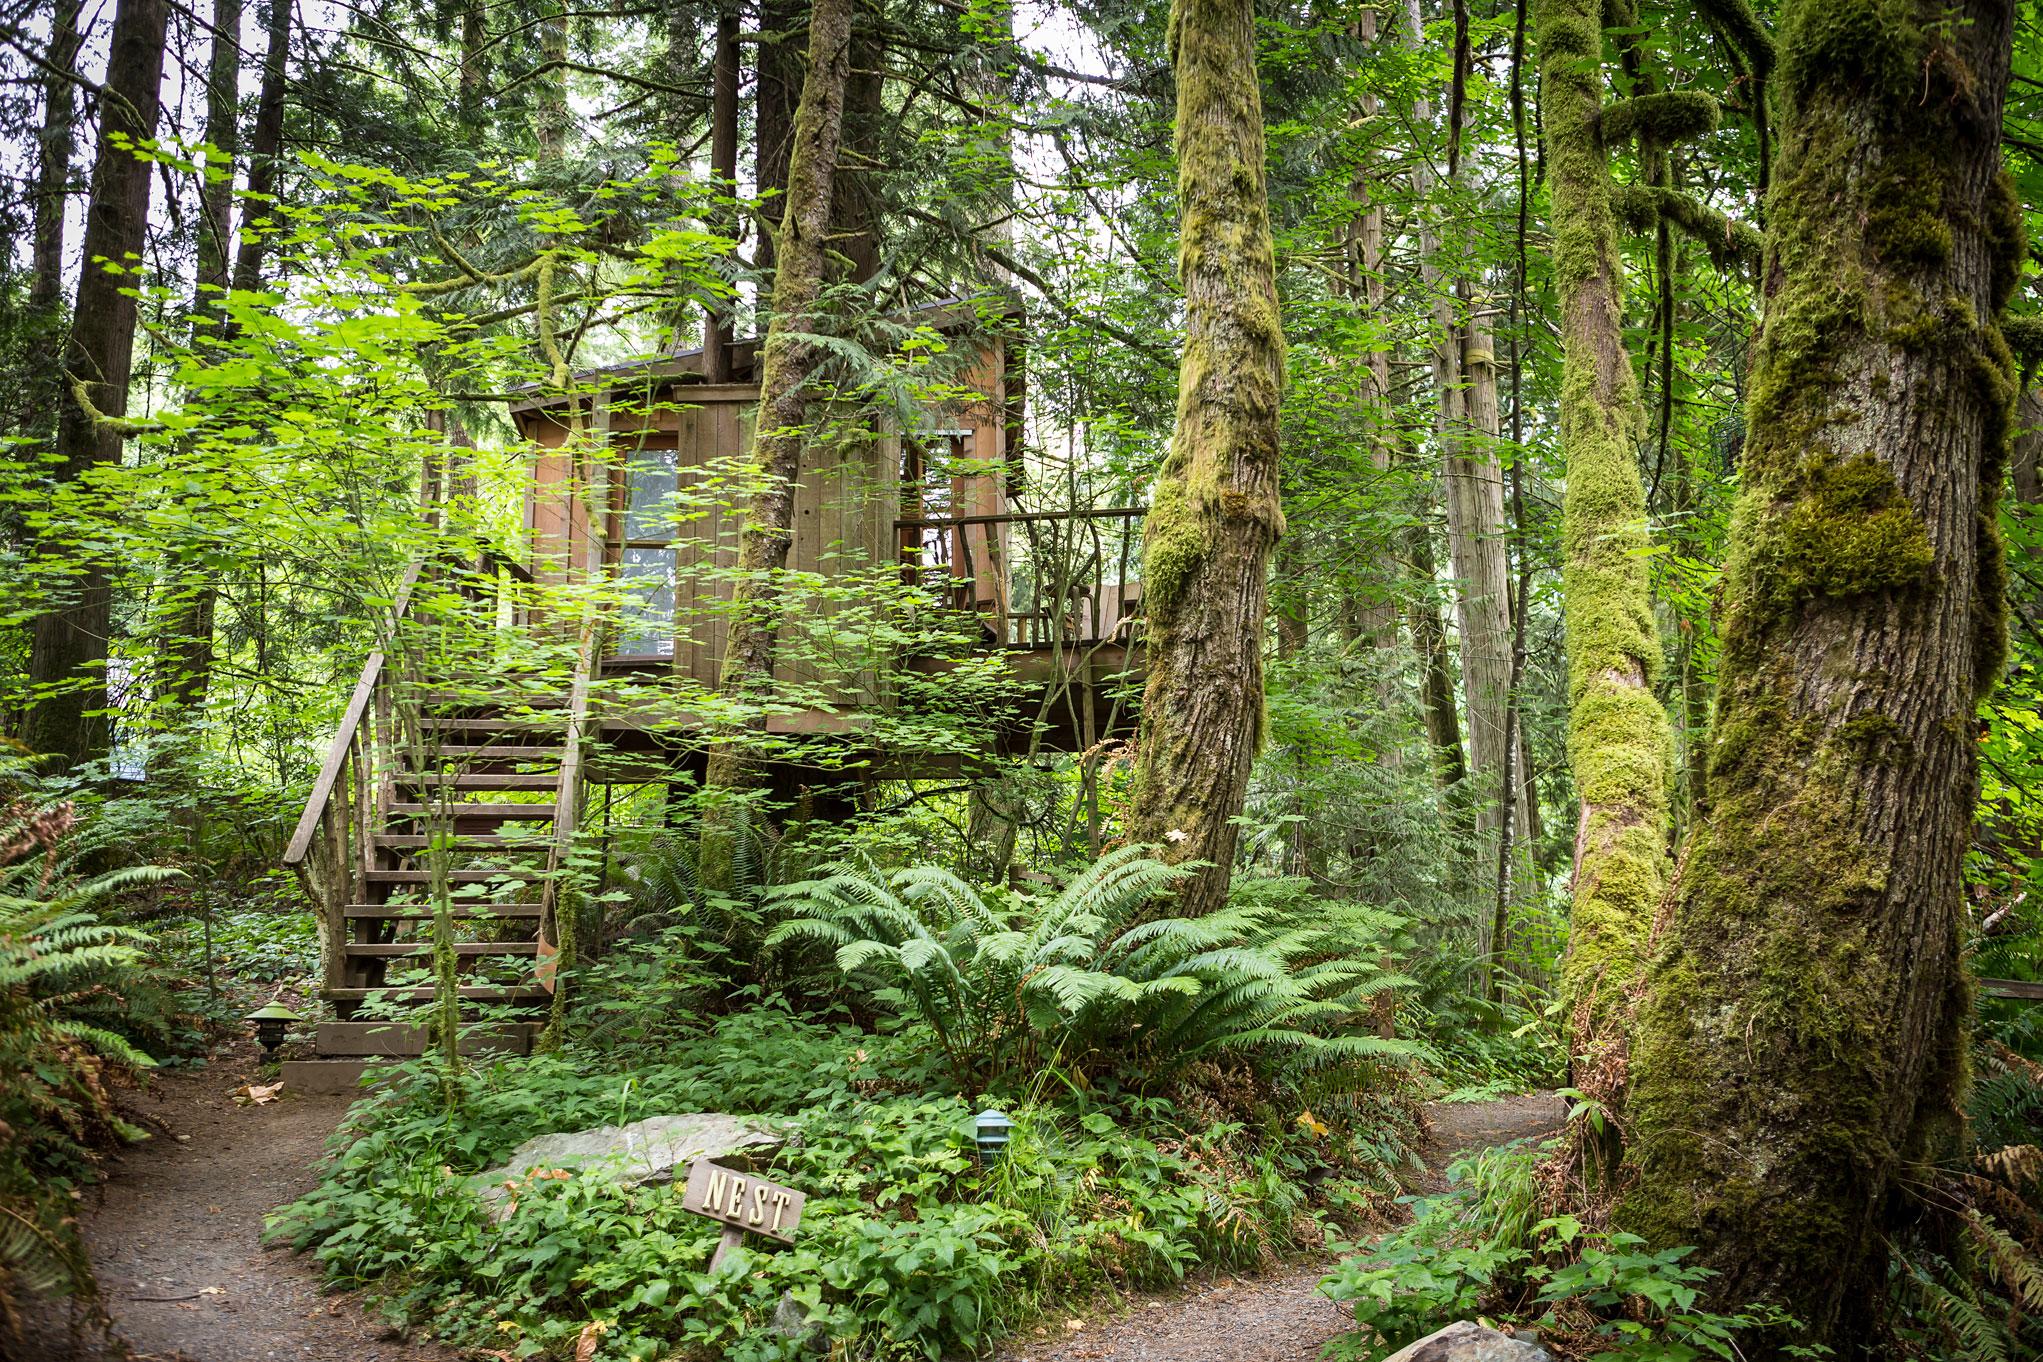 Treehouse Fall City Wa Part - 22: TreeHouse Photos At Treehouse Point In Fall City Washington